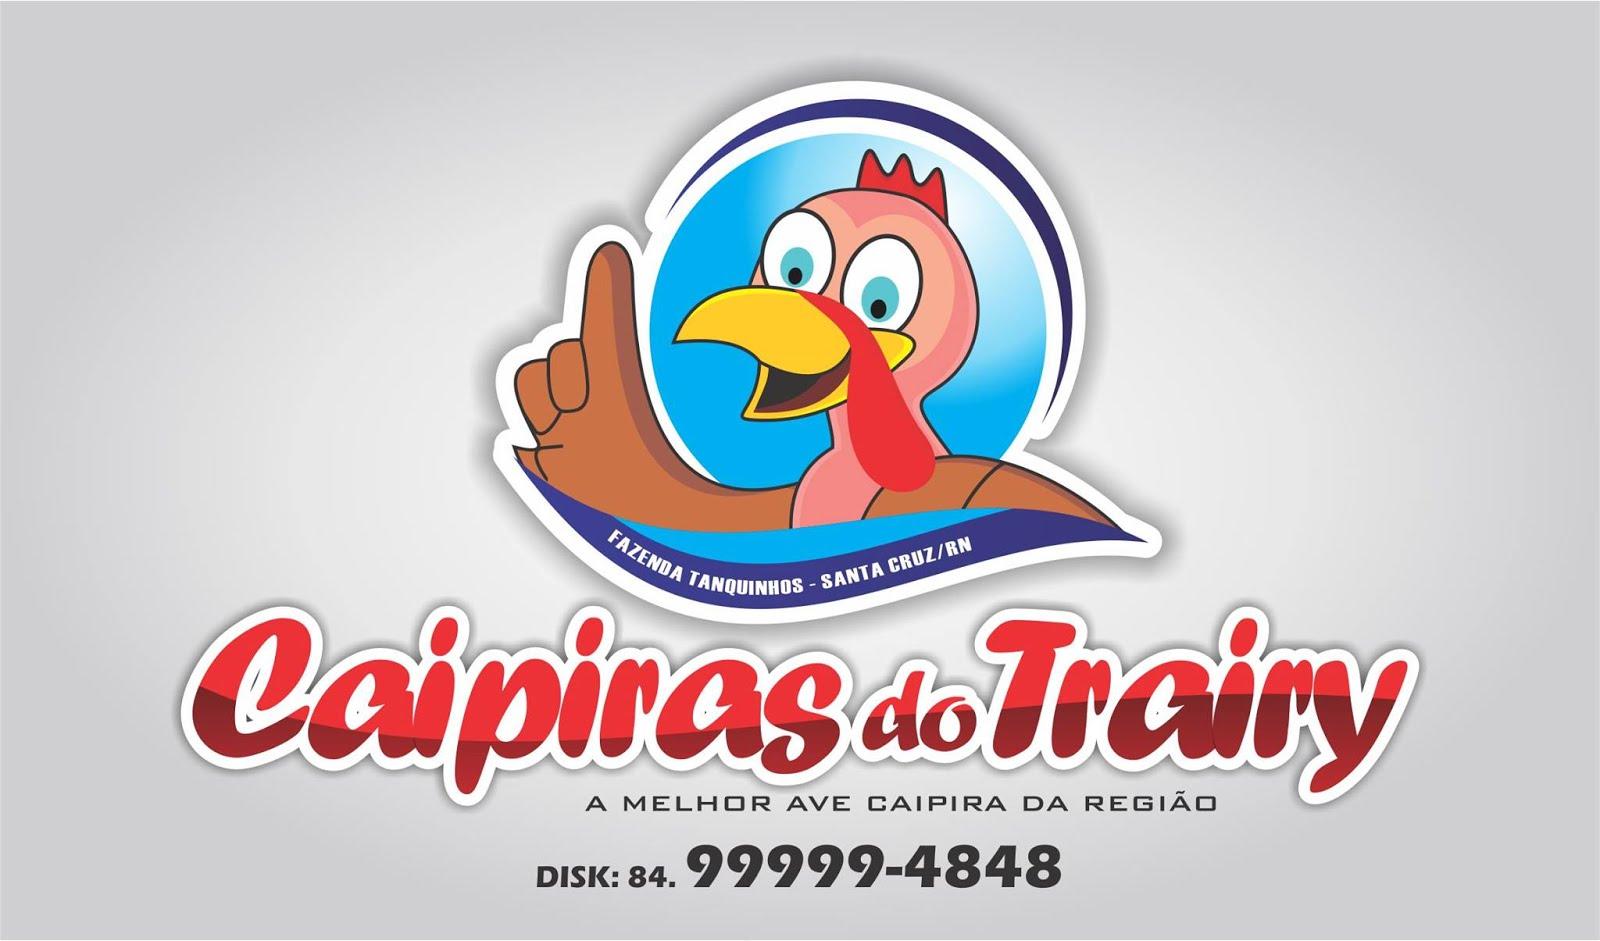 CAIPIRAS DO TRAIRY